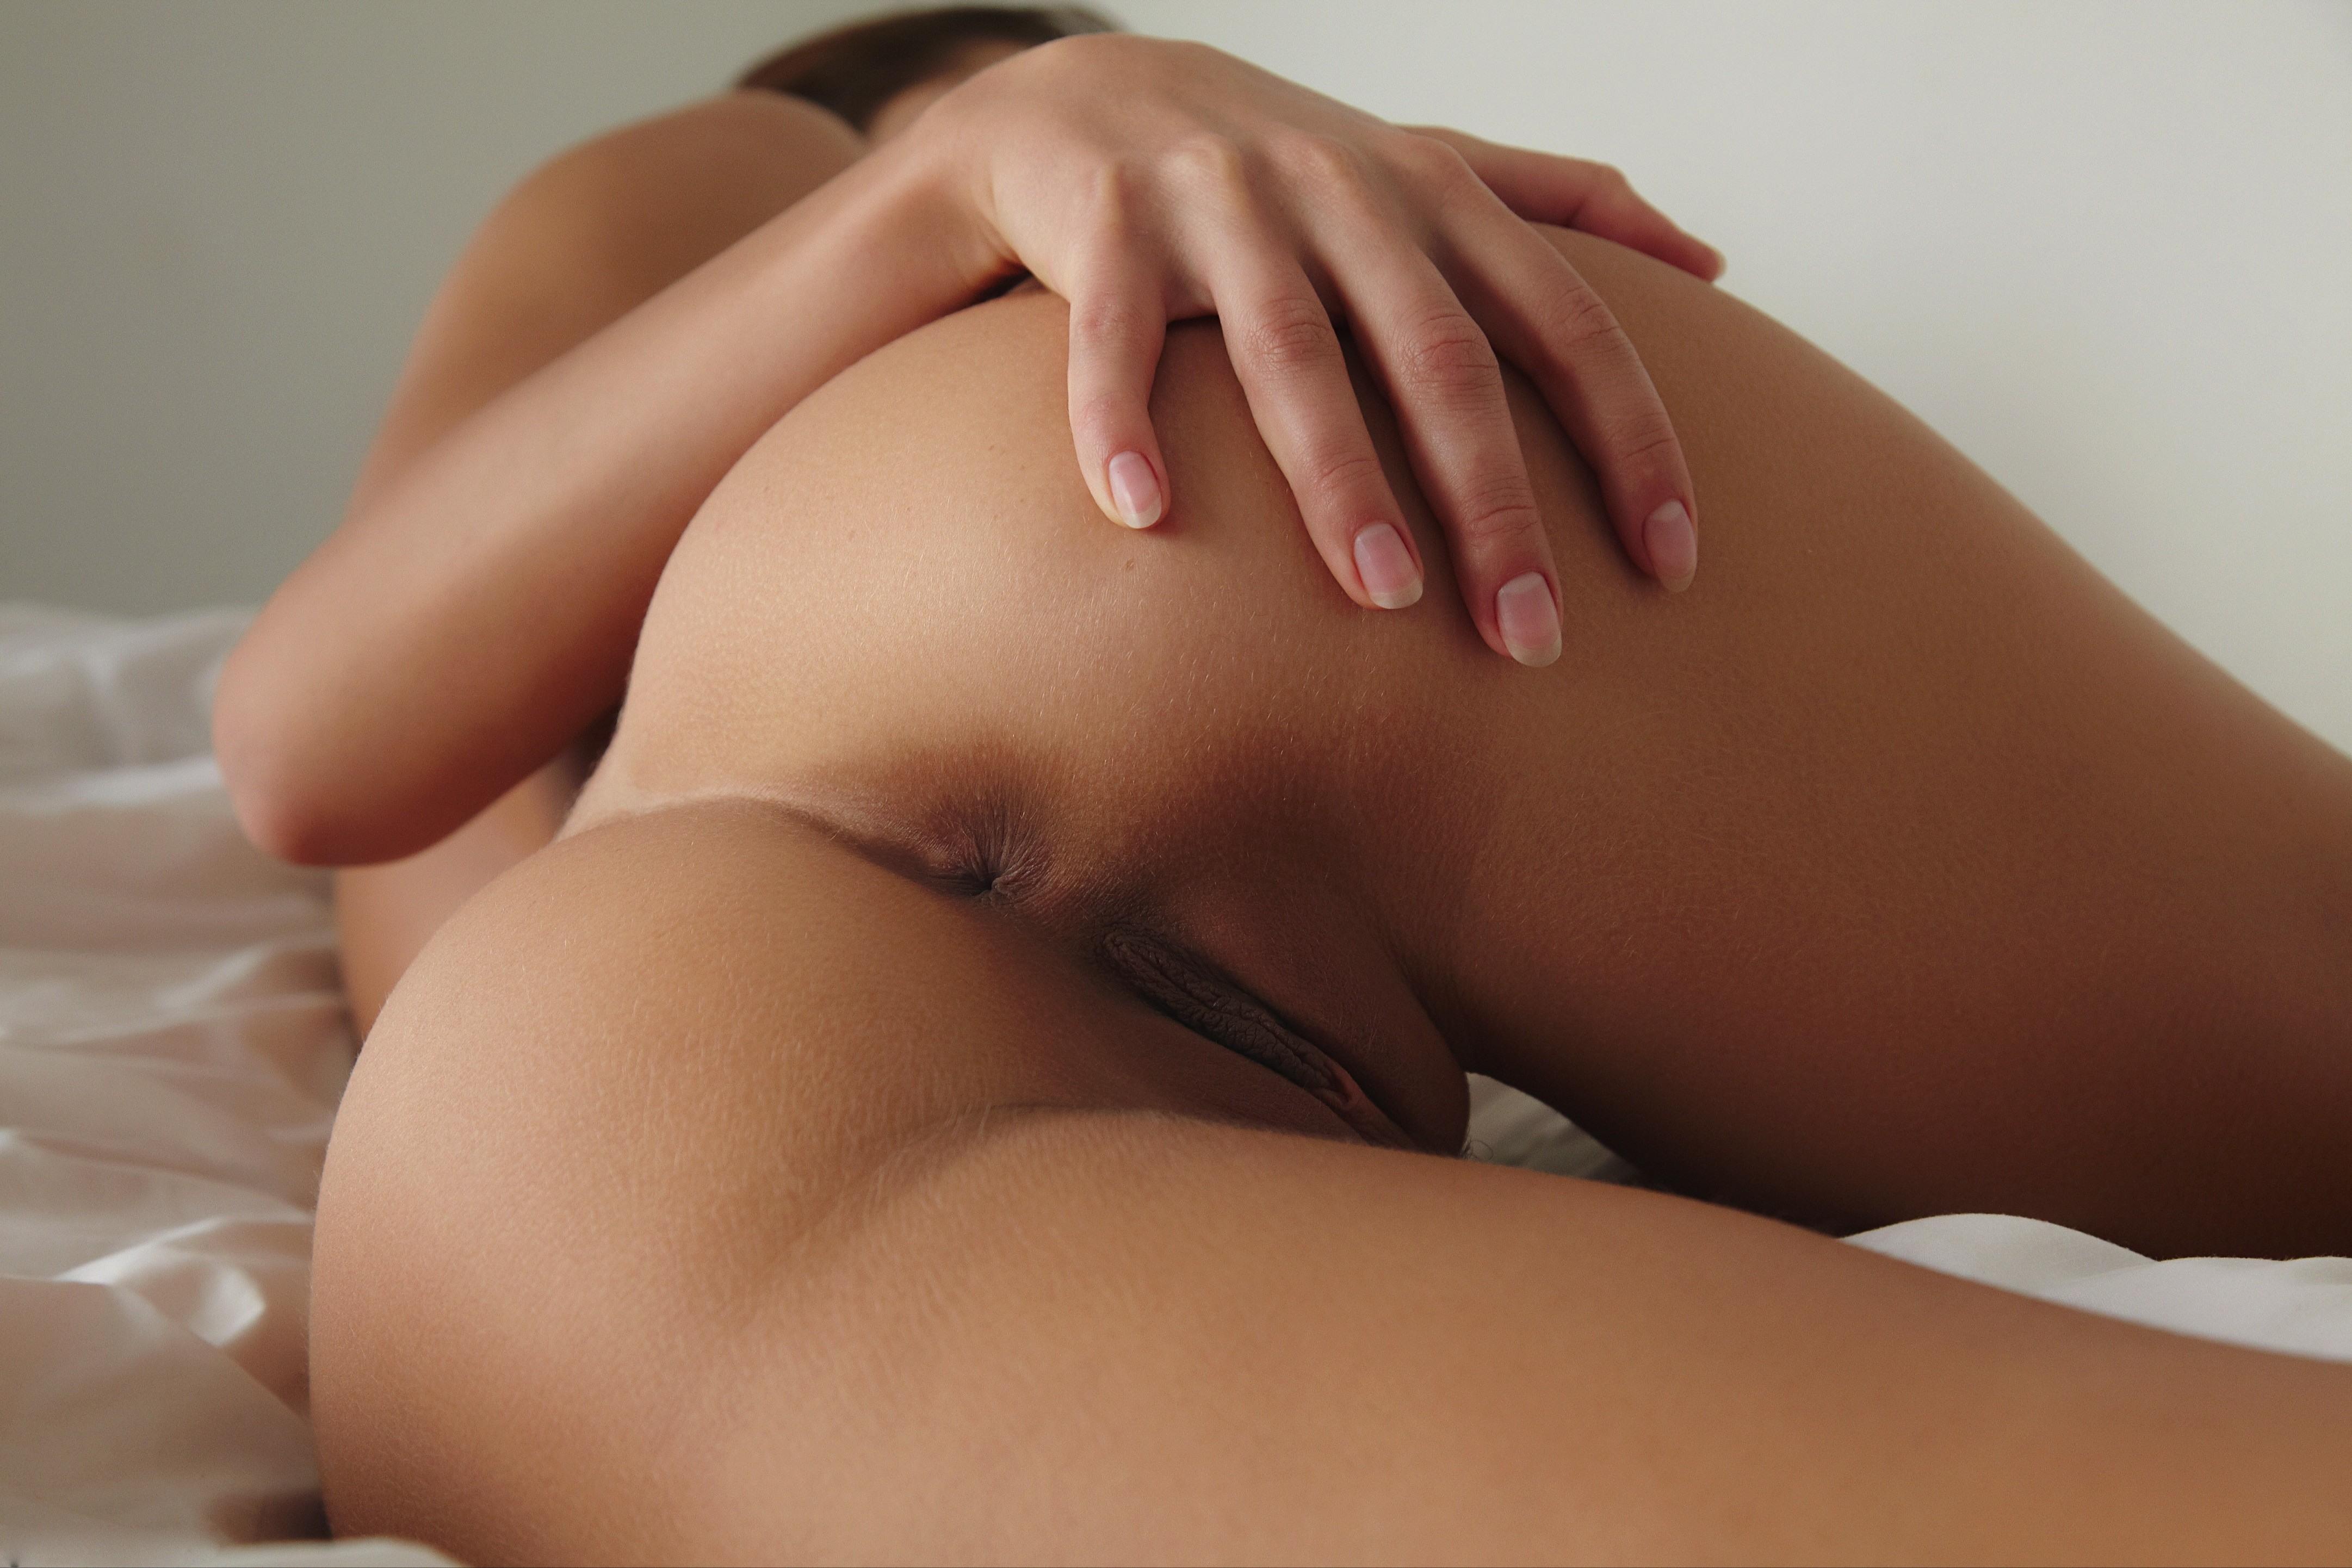 Фото Голая девка, постель, упругая сексуальная попка, рука на попе, пизда, дырочки, бедра, скачать картинку бесплатно